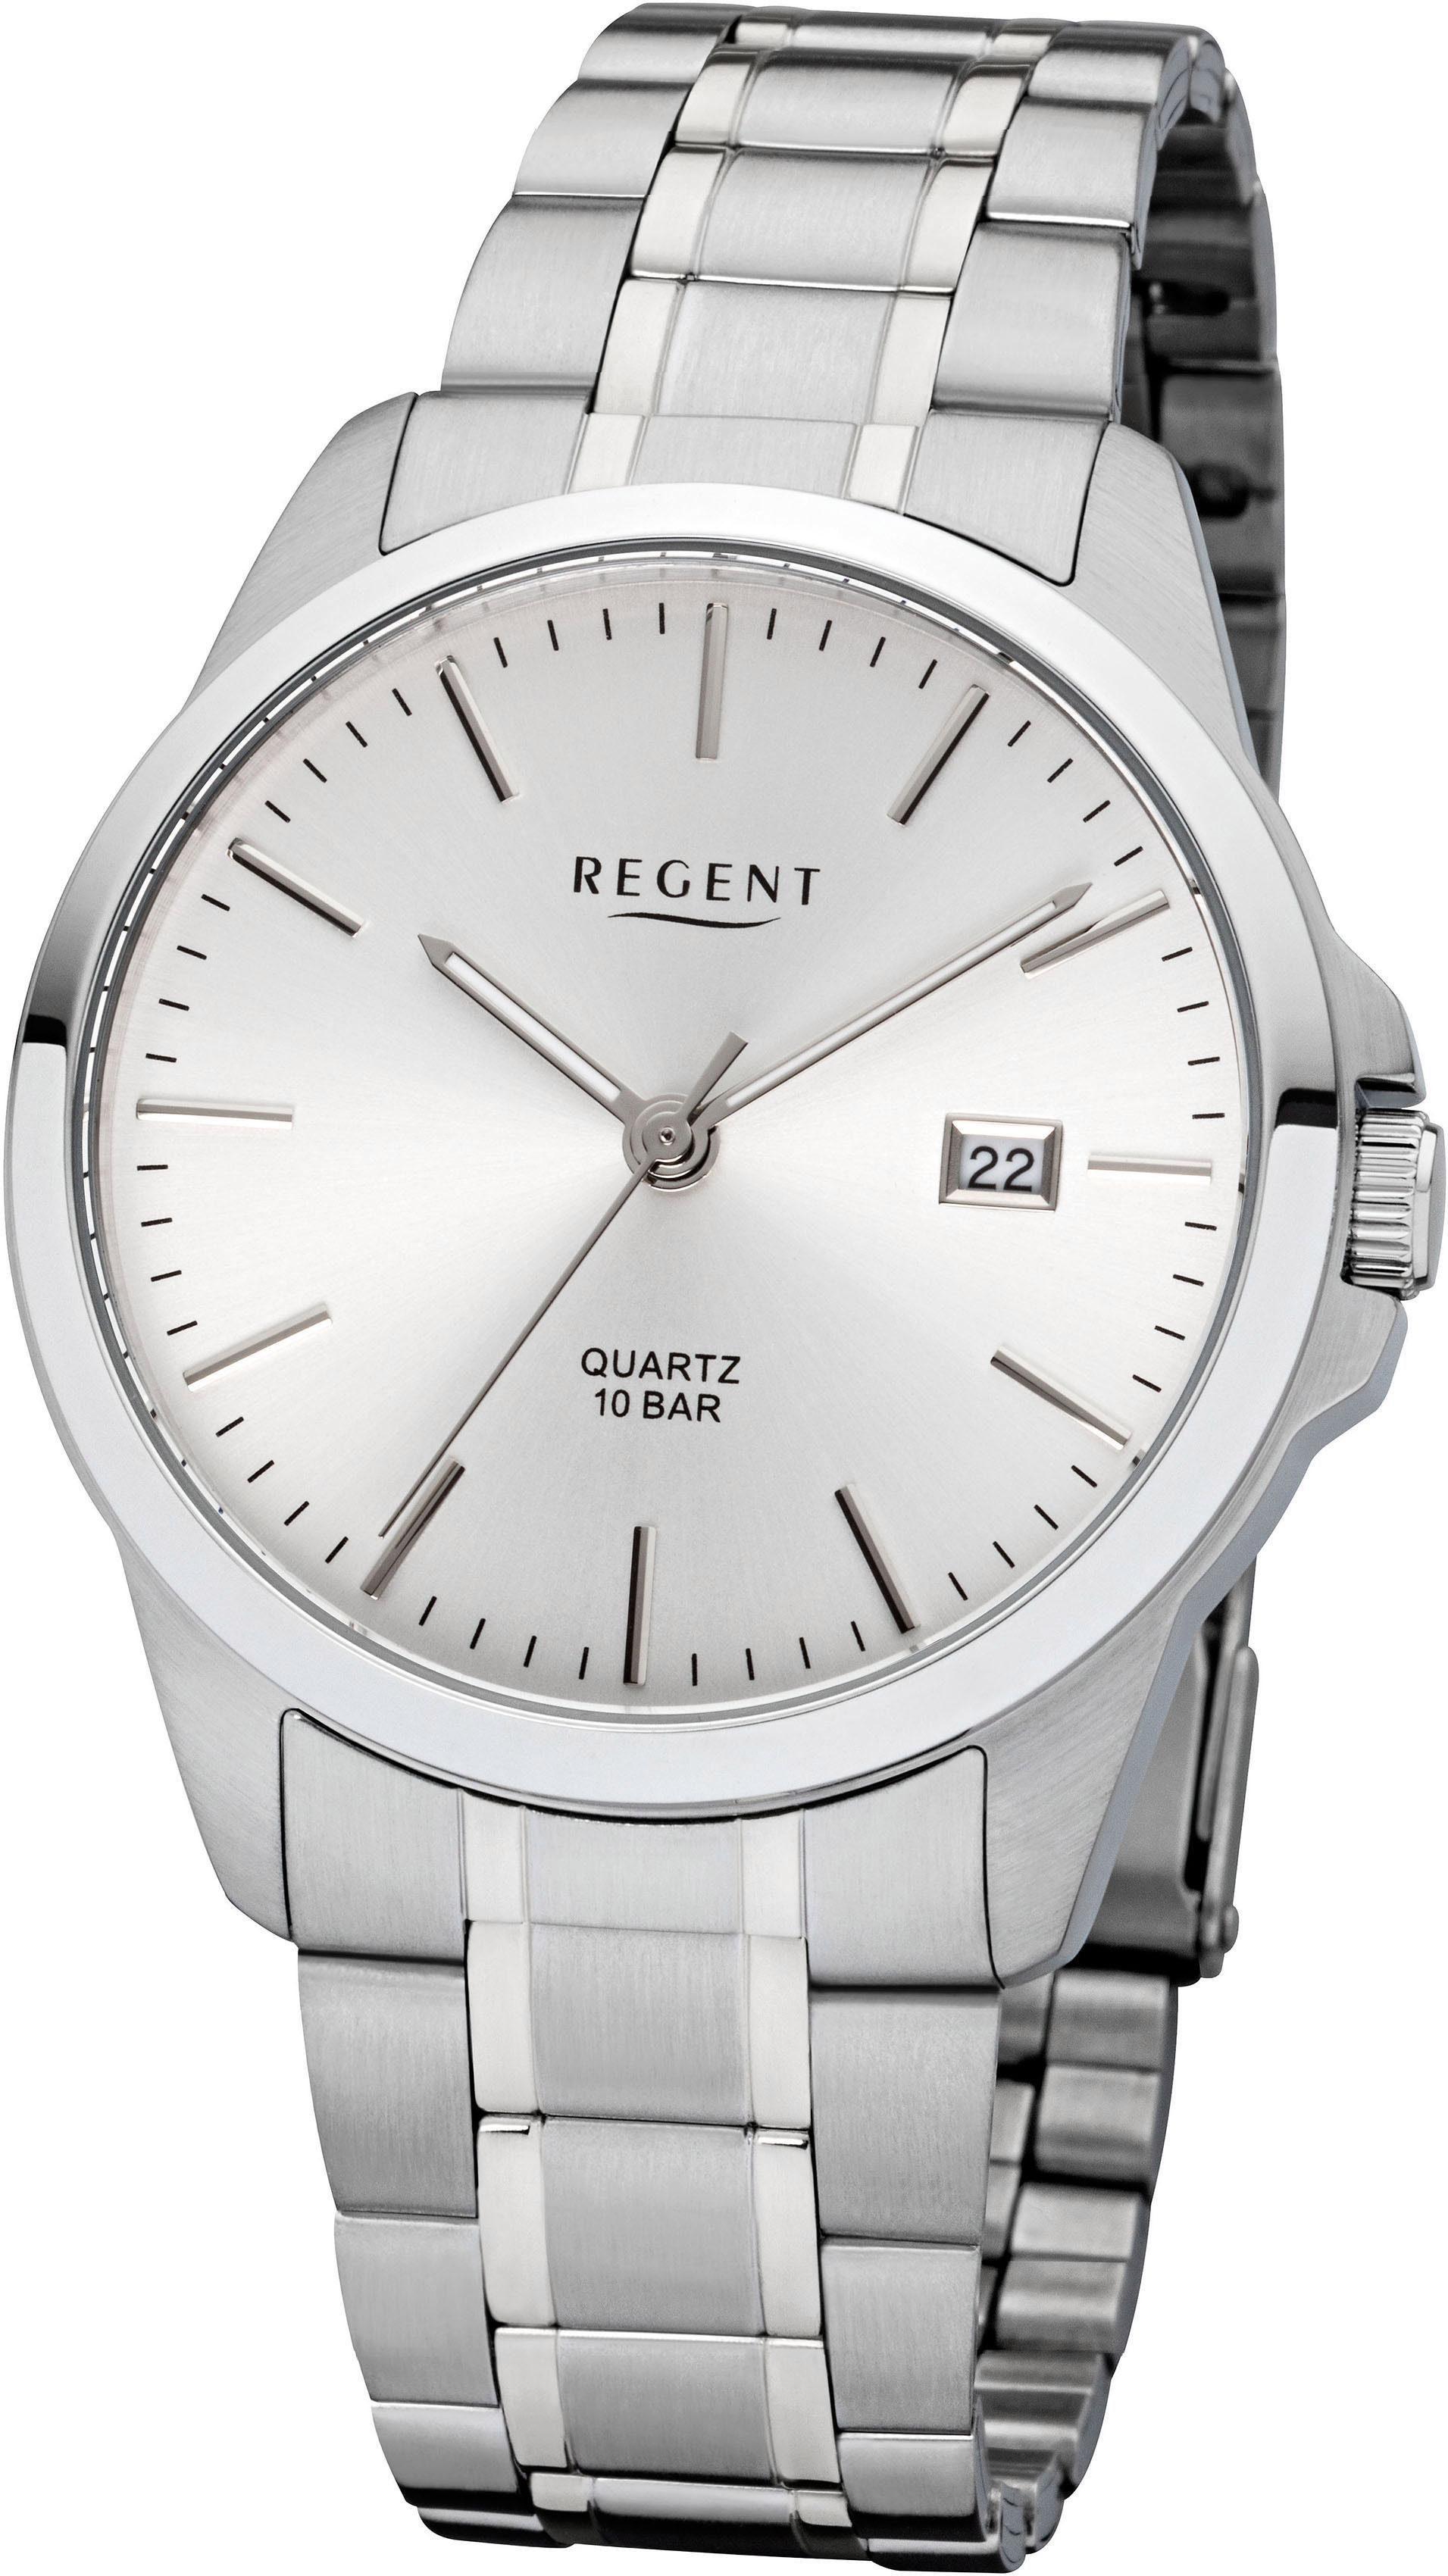 Regent Quarzuhr »1840.44.91, F1010«